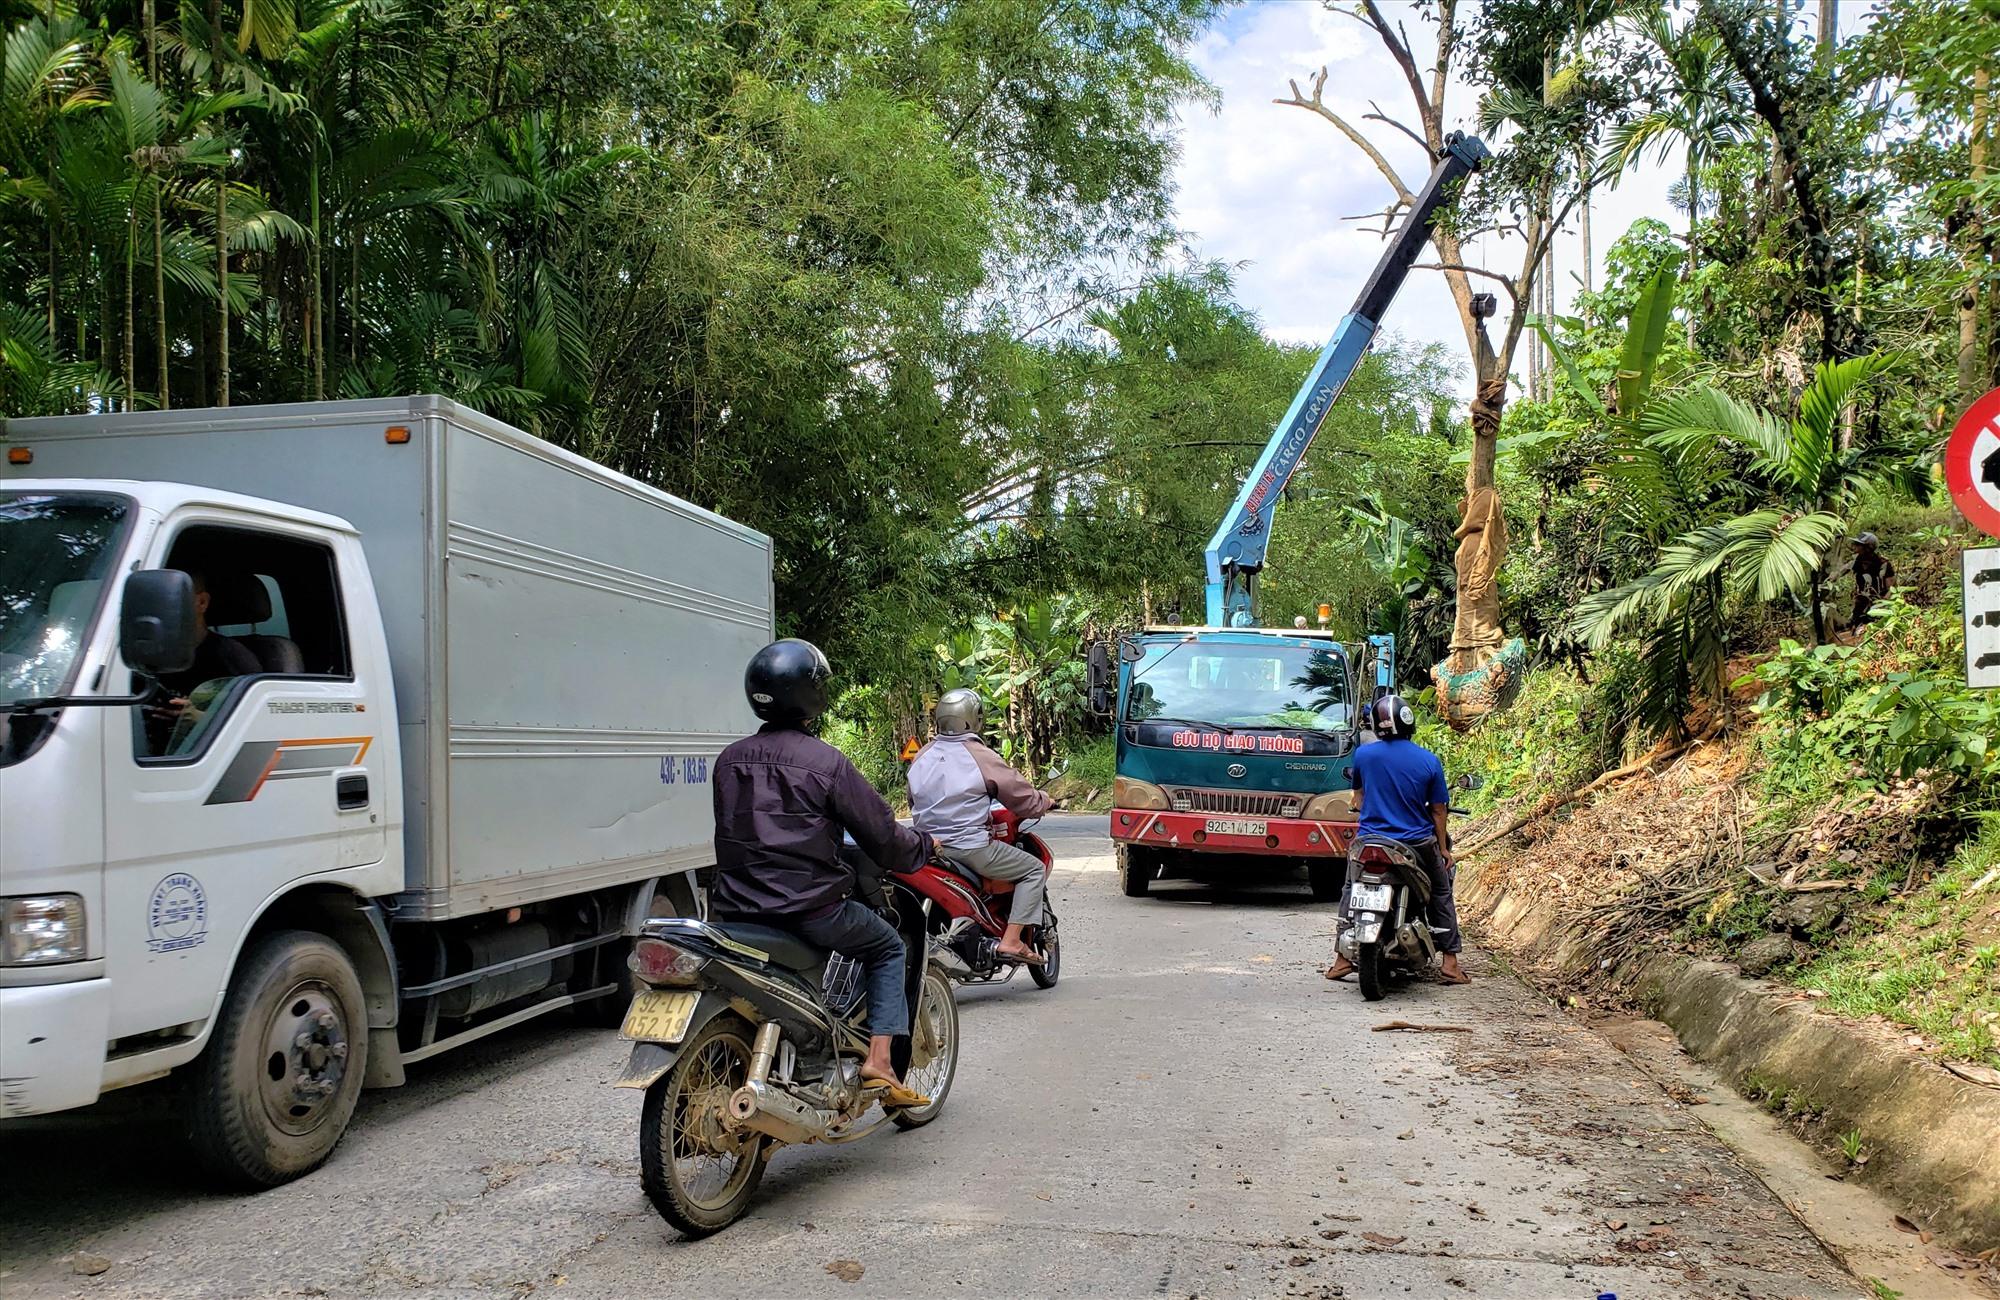 Xe tải cẩu cây xanh gây ách tắc giao thông trên tuyến quốc lộ 40B đoạn qua xã Trà Tân, huyện Bắc Trà My. Ảnh: HOÀI AN